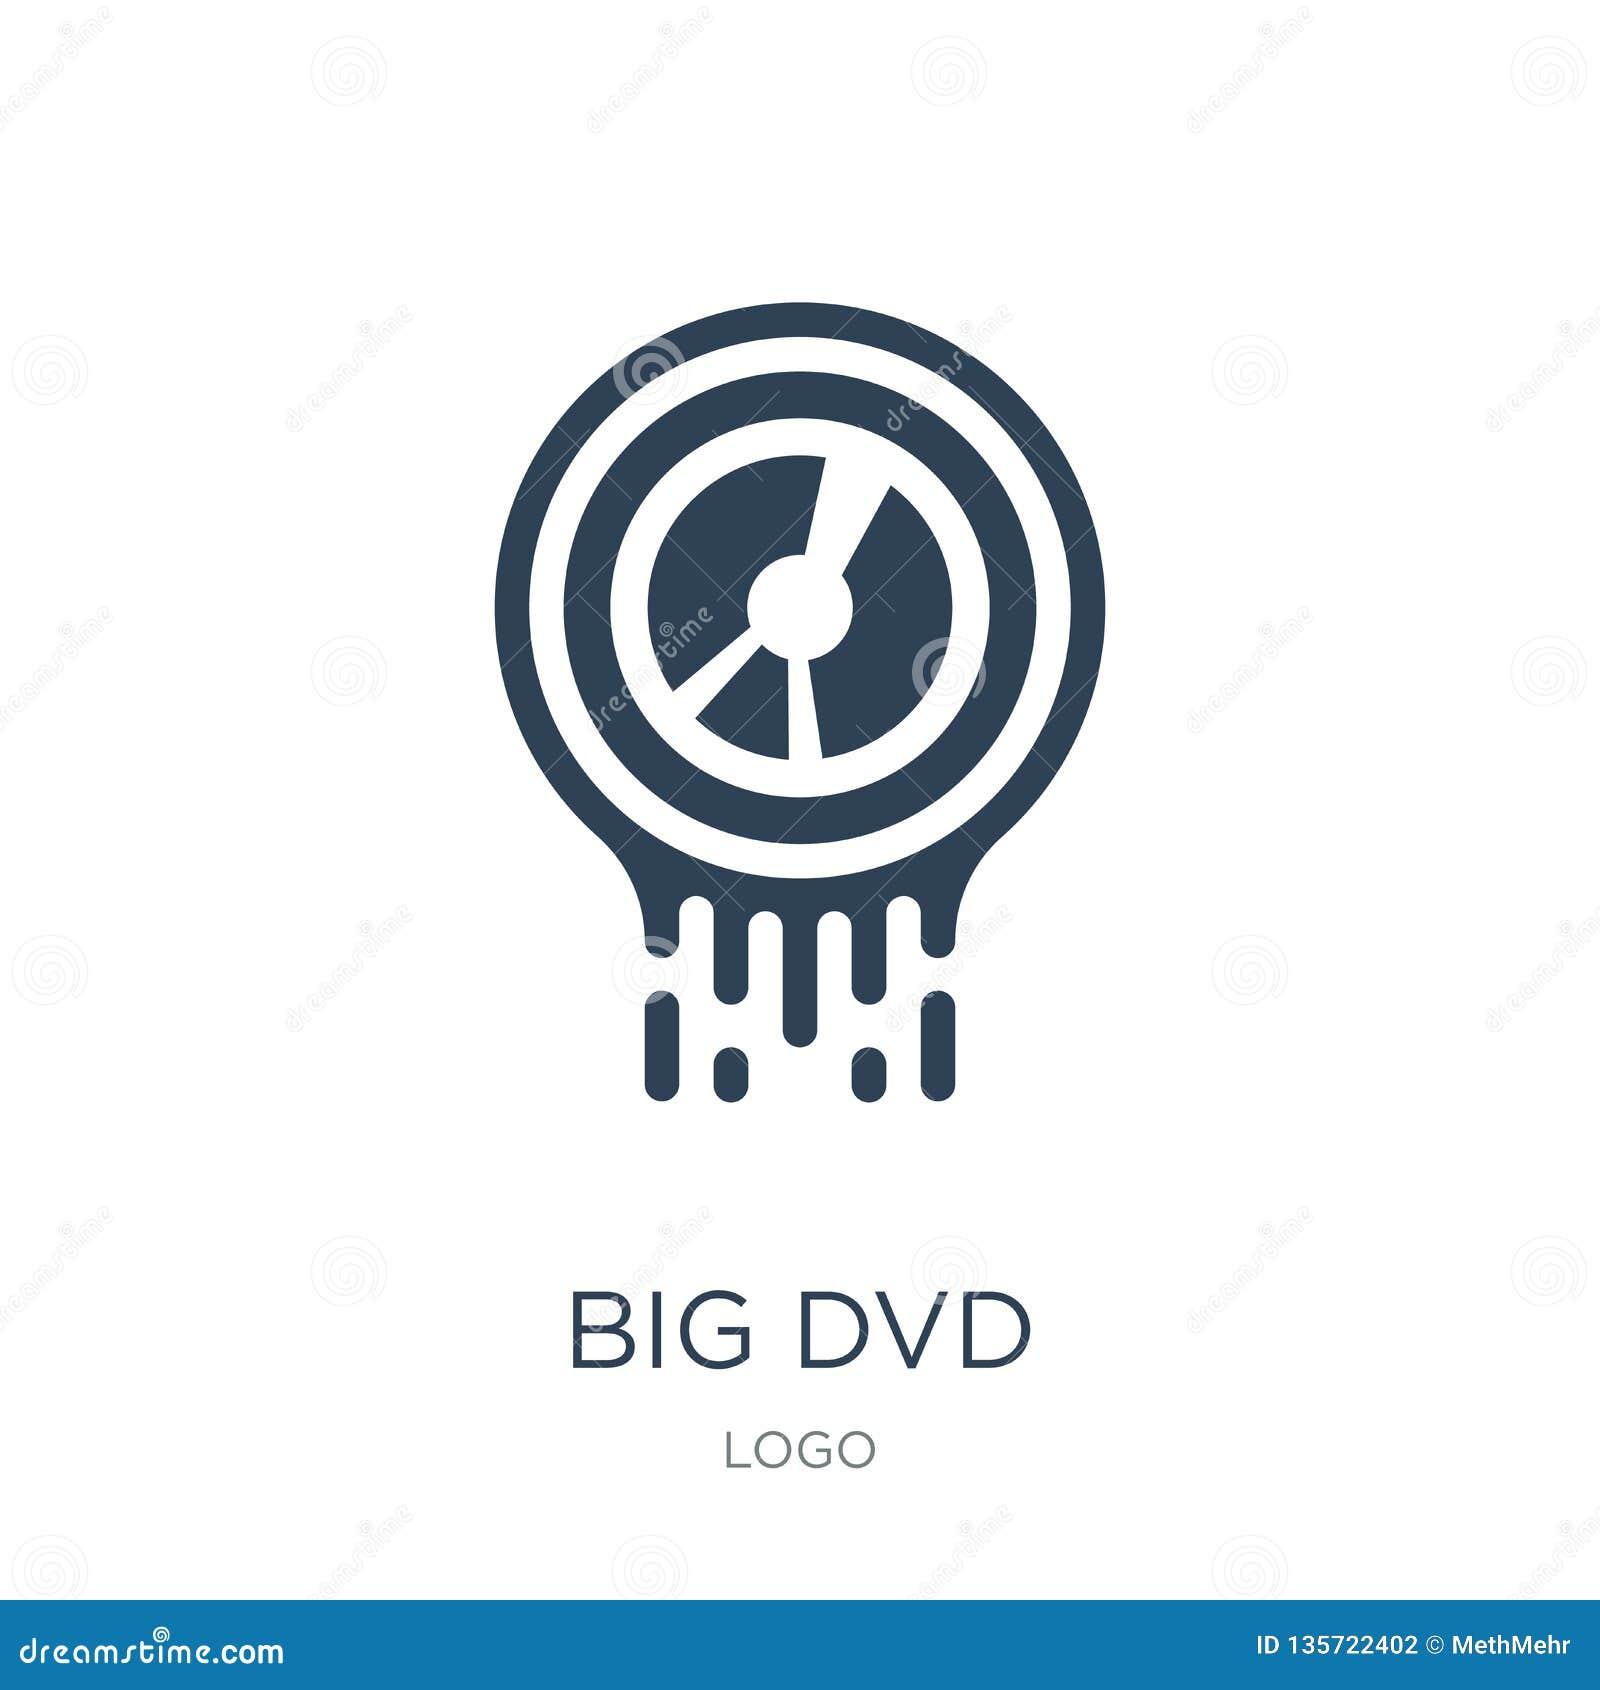 μεγάλο εικονίδιο dvd στο καθιερώνον τη μόδα ύφος σχεδίου μεγάλο εικονίδιο dvd που απομονώνεται στο άσπρο υπόβαθρο μεγάλο απλό και